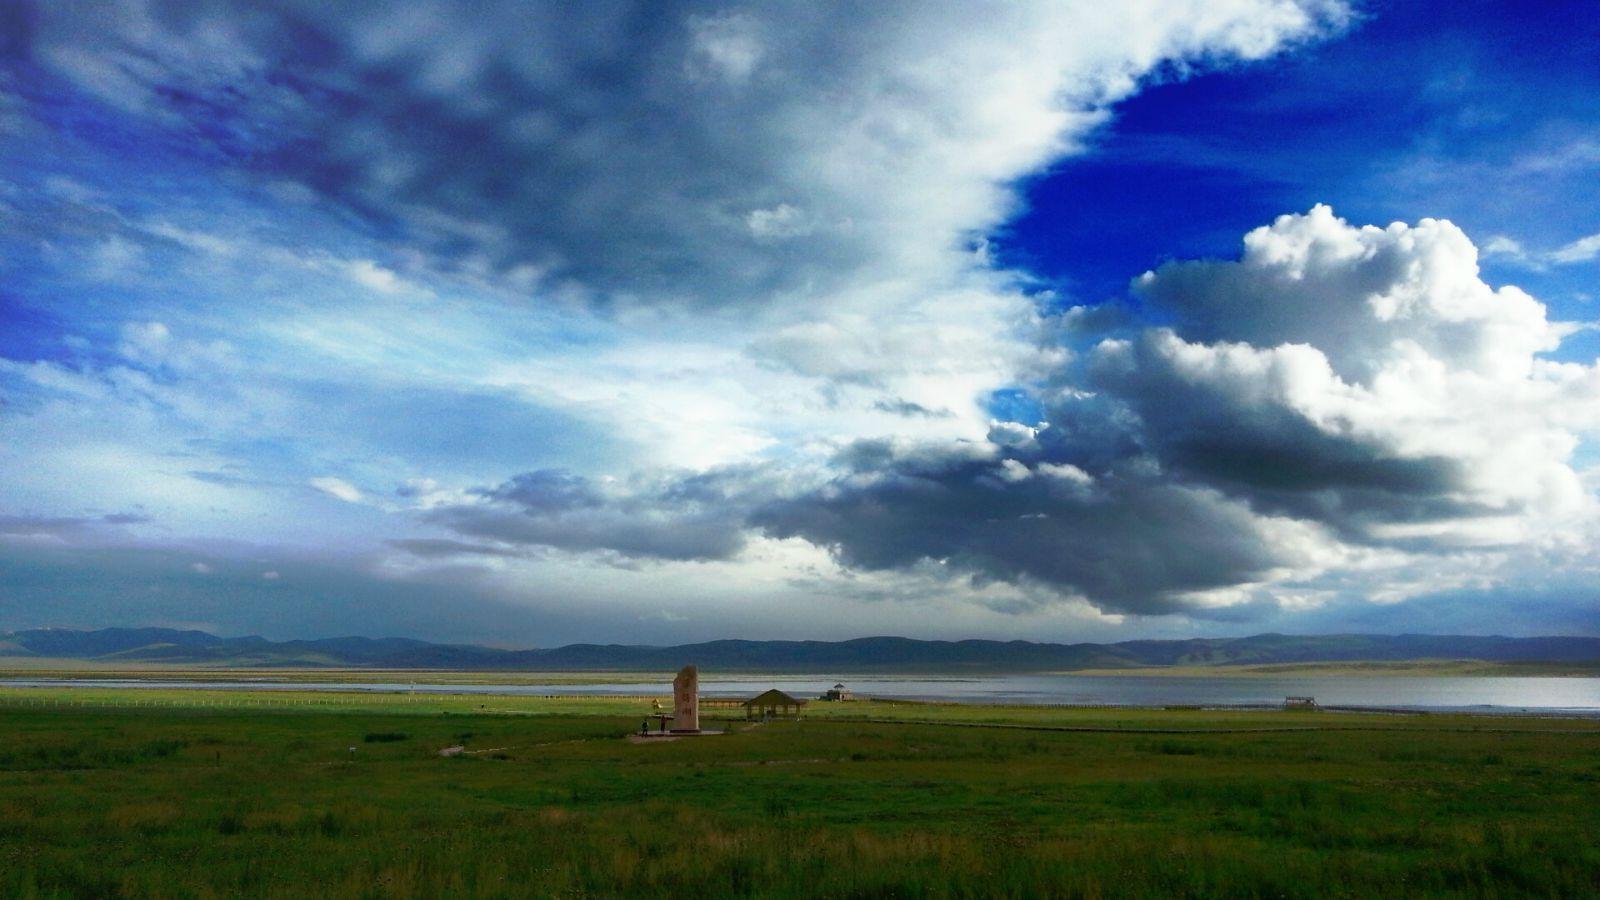 图片中是尕海风景区,门票四十元,建有石碑和小亭子,并可沿着湖边的木